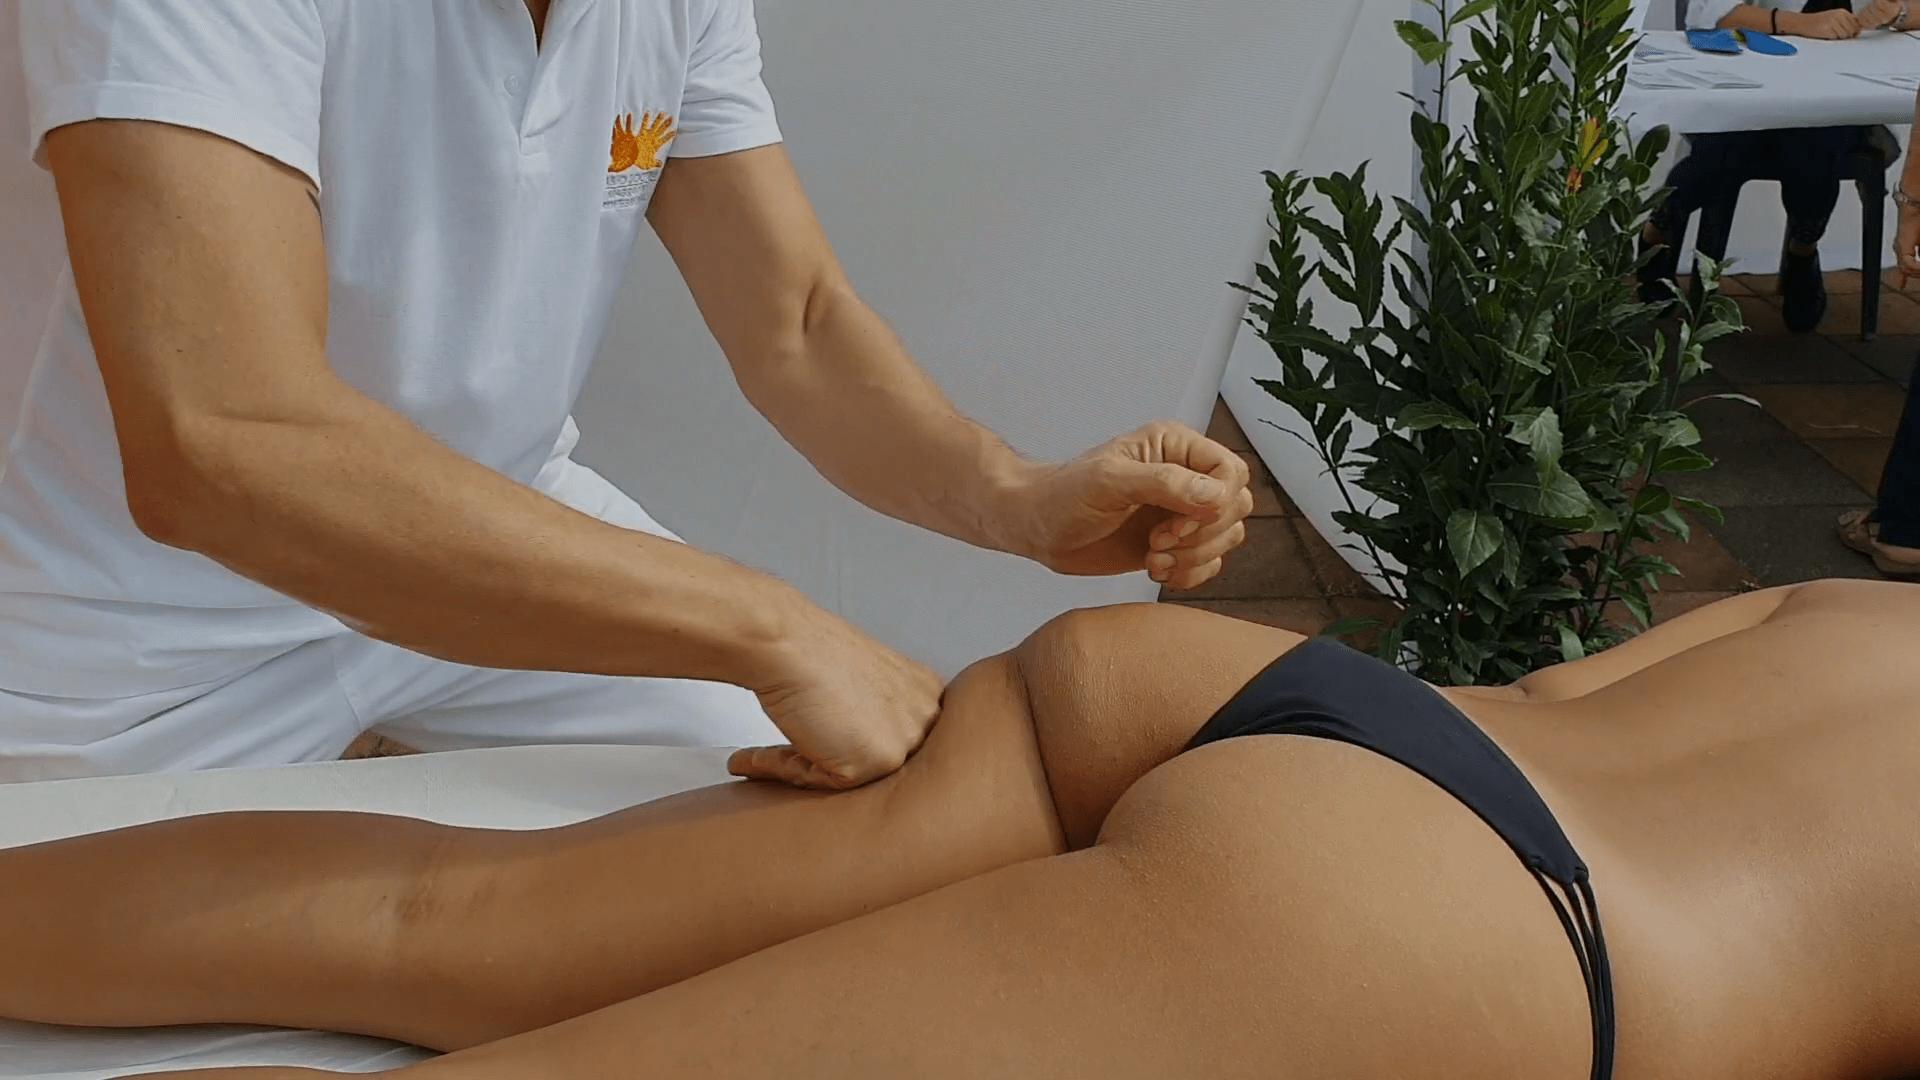 corso massaggio tonificante e anticellulite a firenze